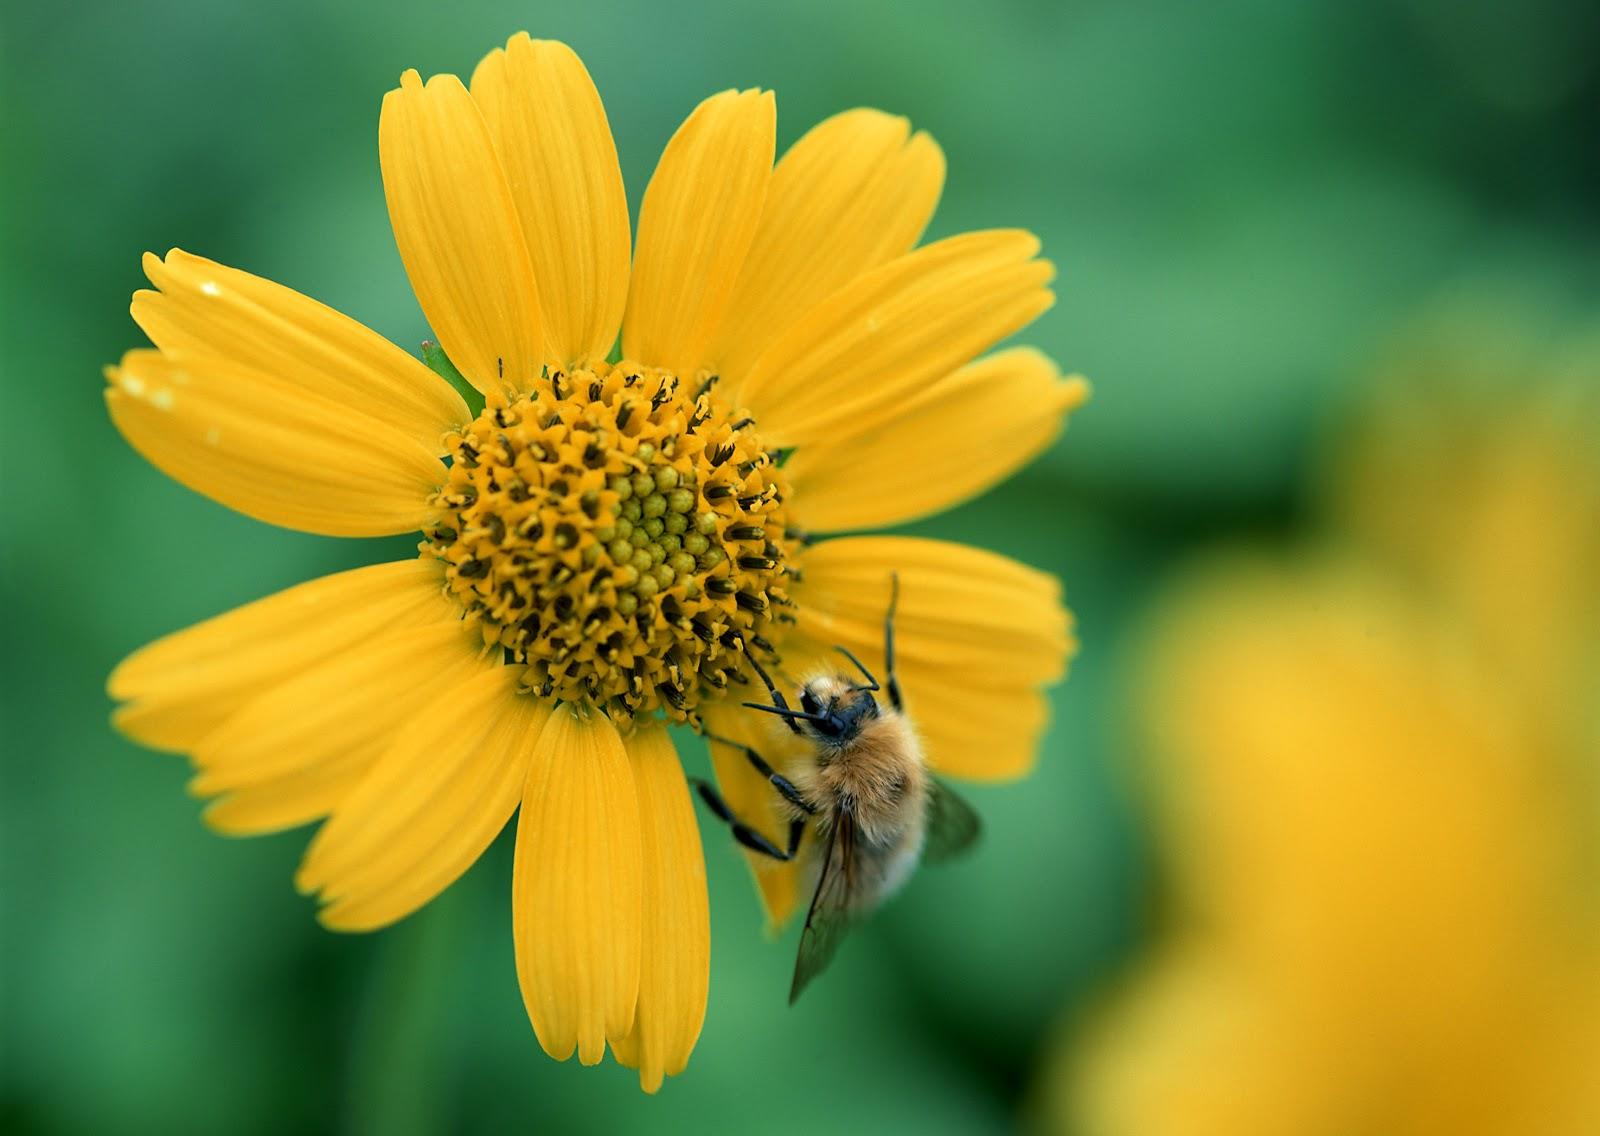 Sfondi hd natura ape sul fiore sfondi hd gratis for Sfondi hd natura